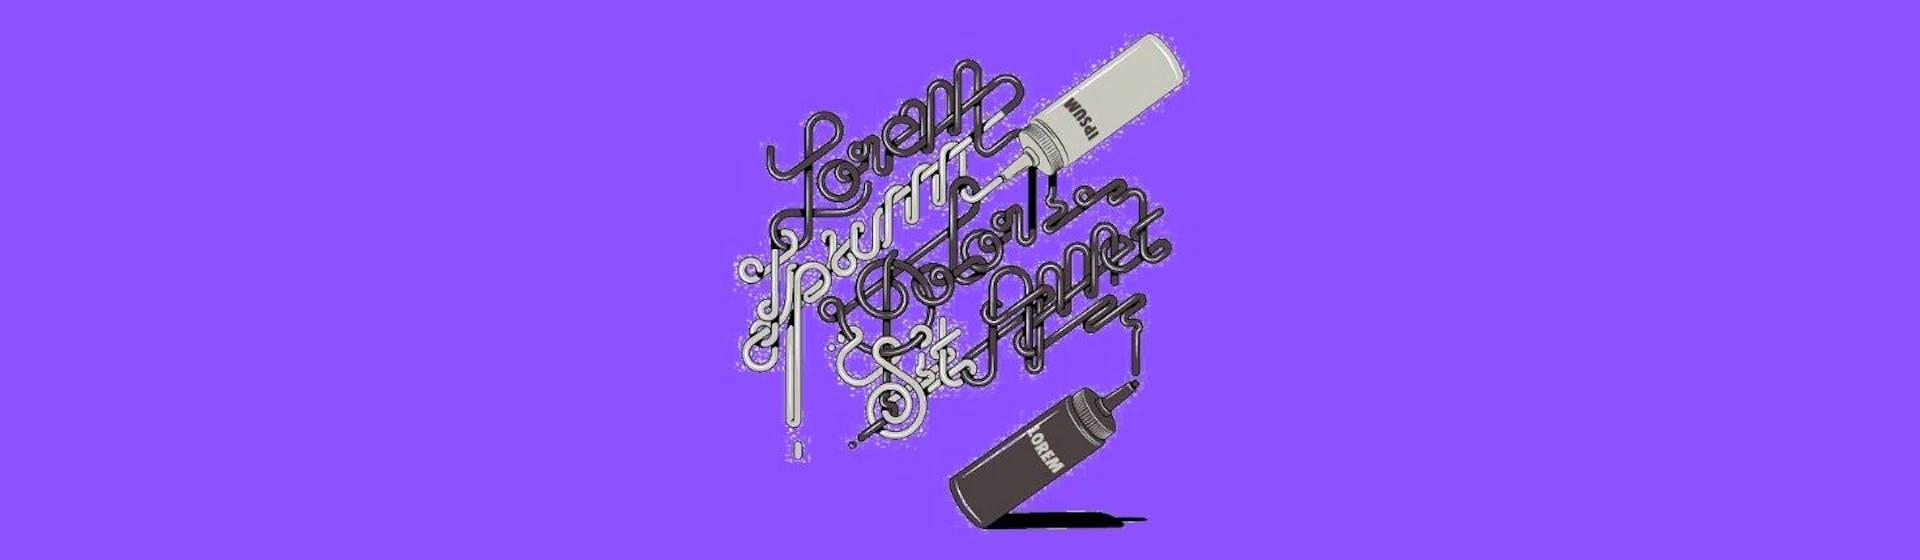 ¡Conoce estas nuevas herramientas digitales de tipografía!